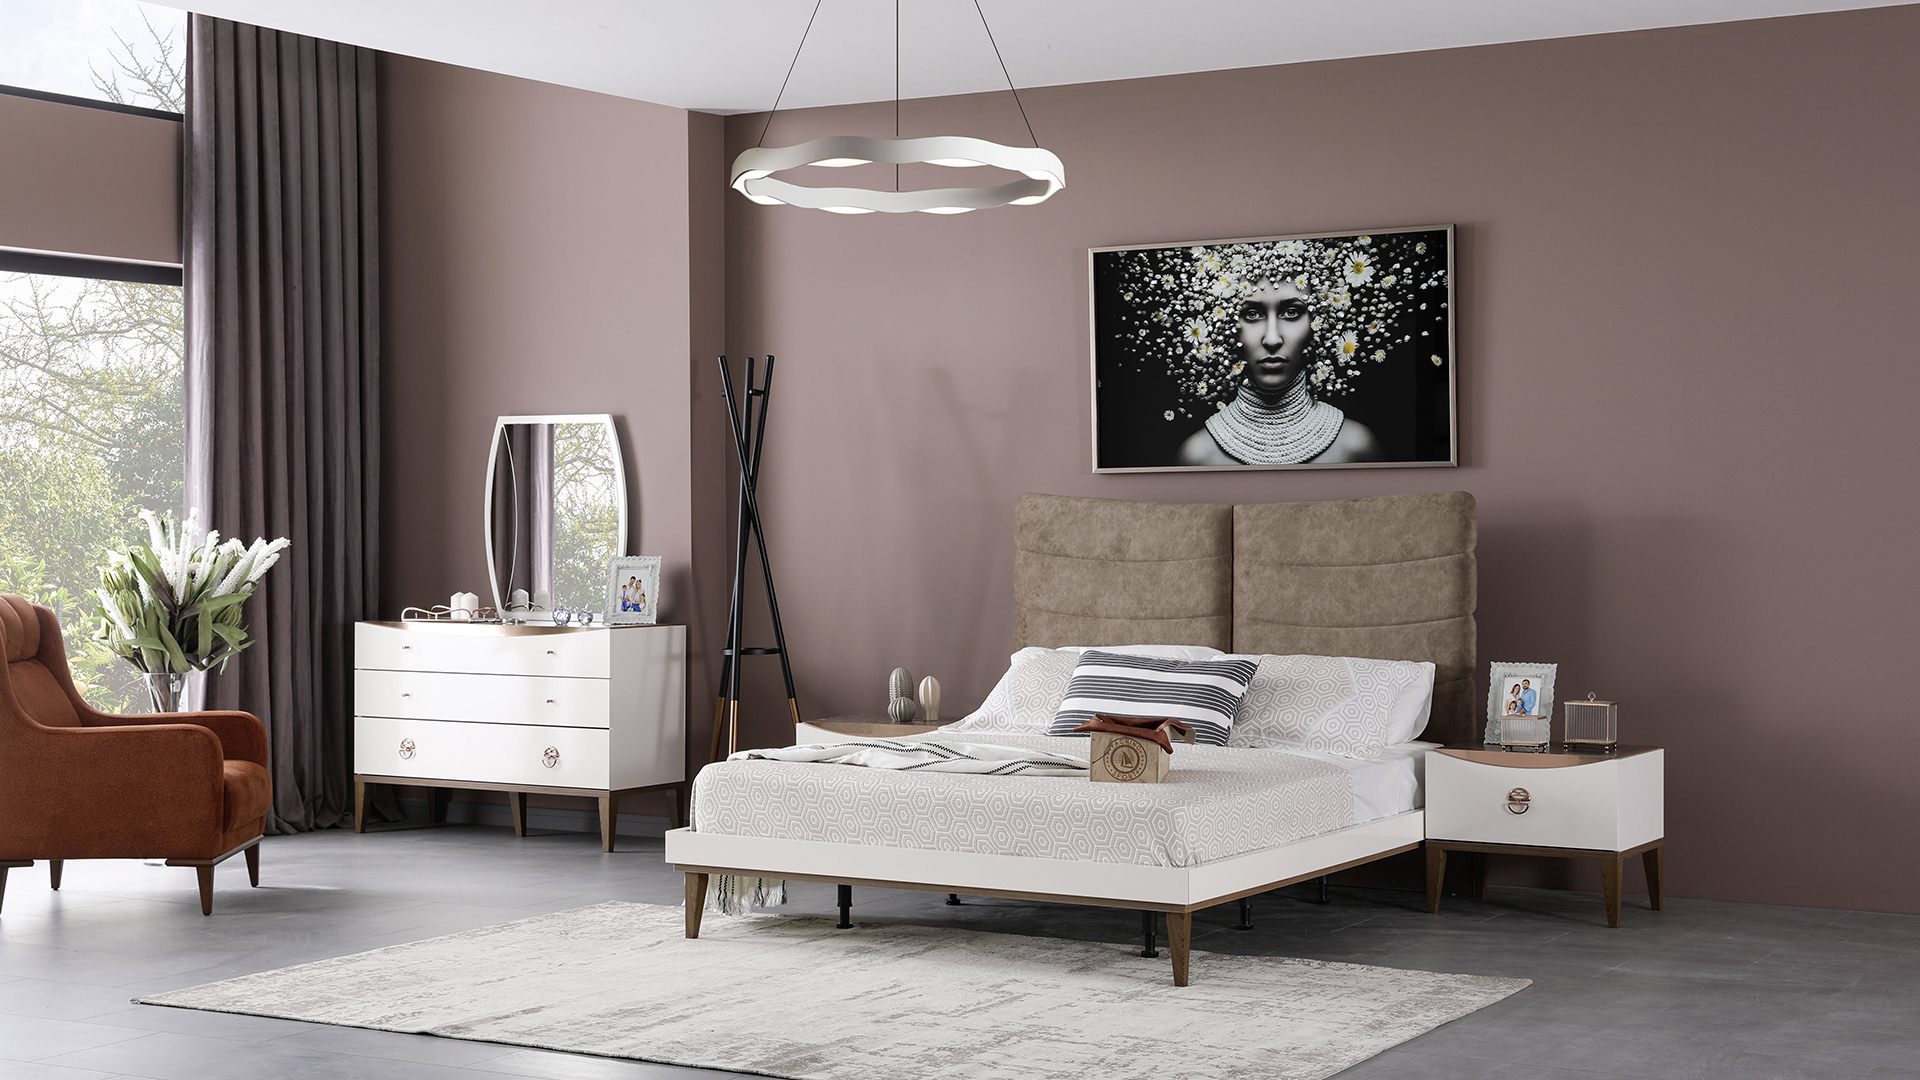 Trend Bedroom